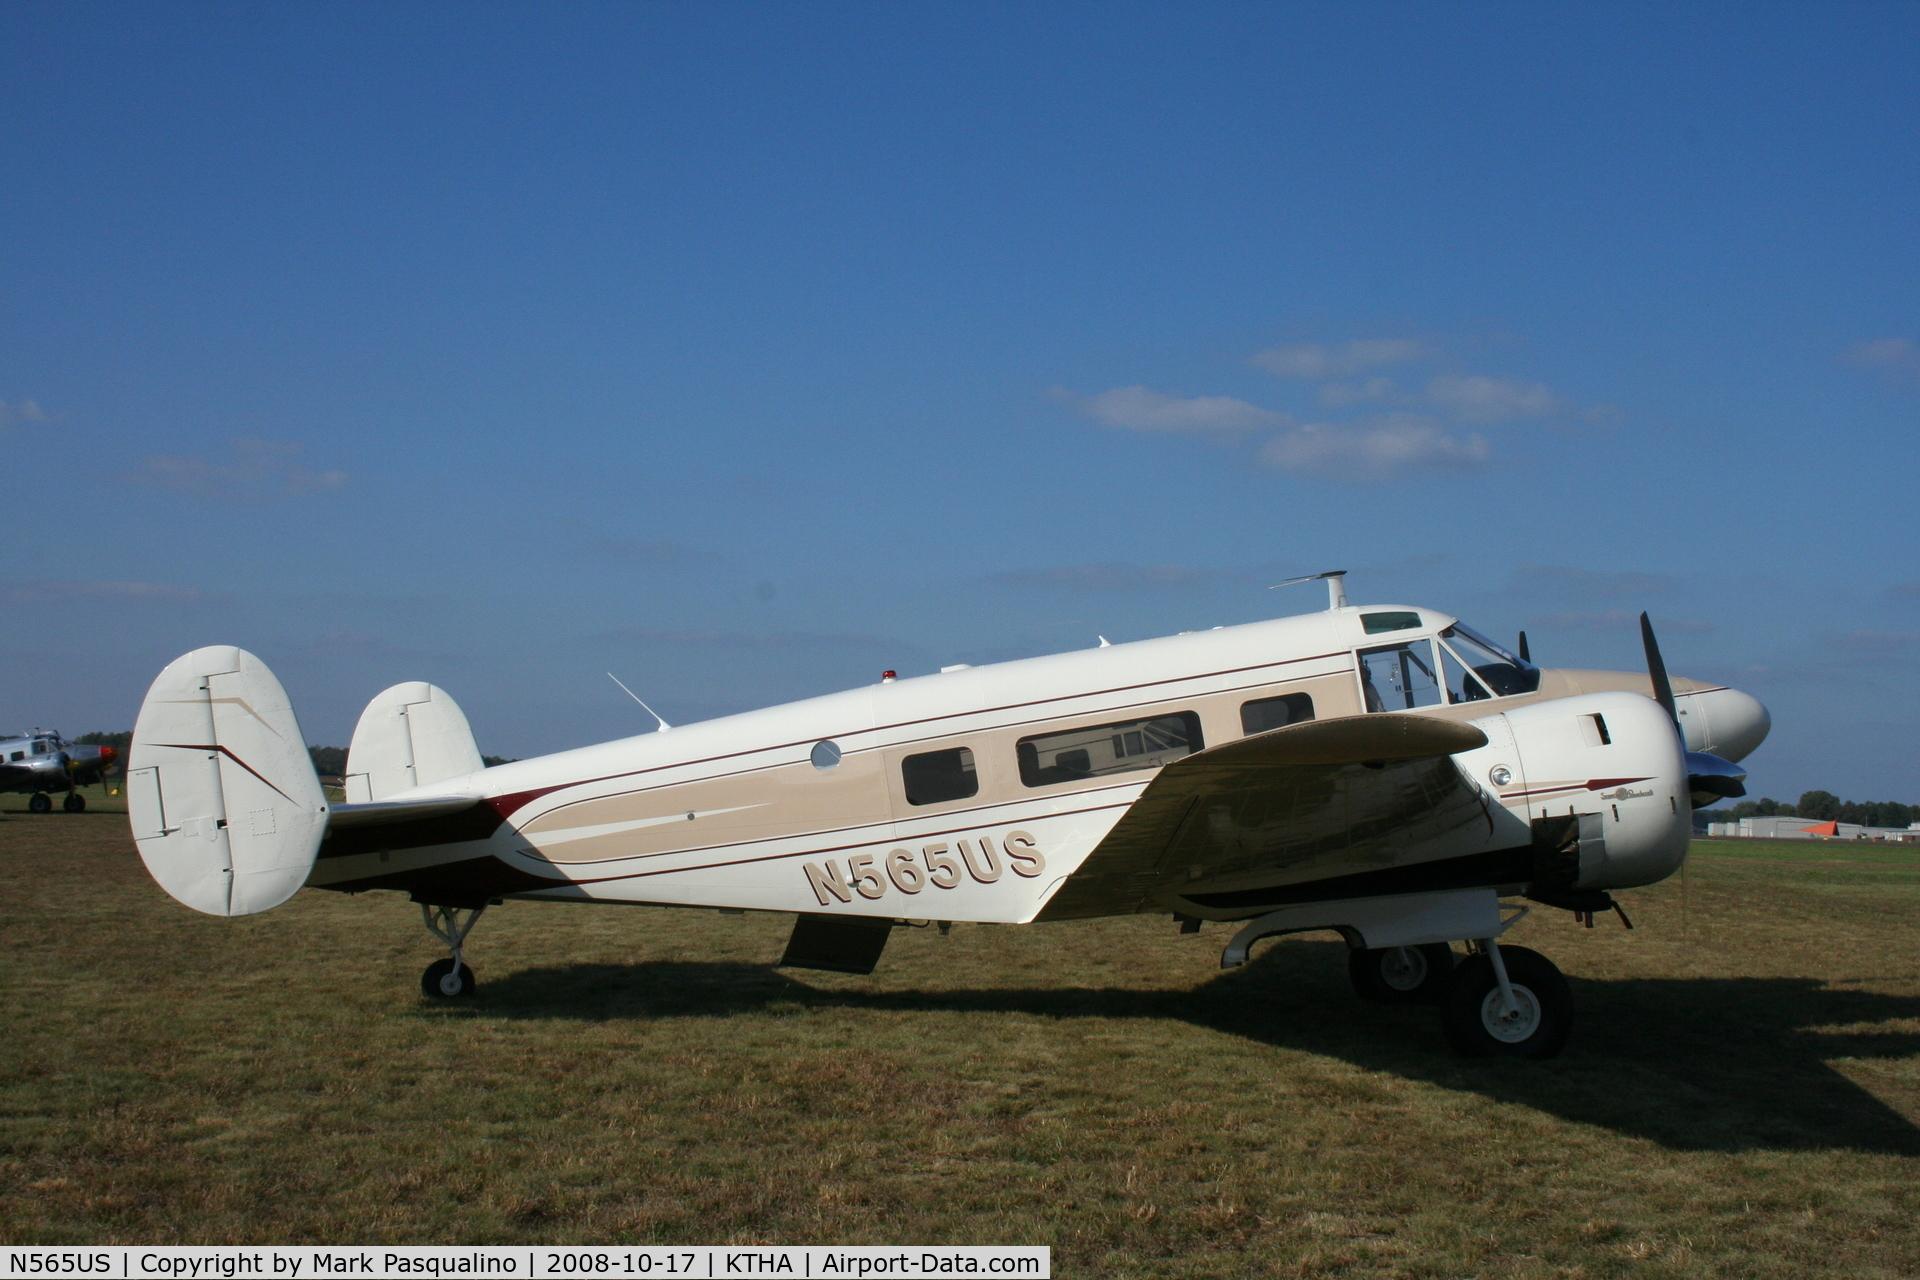 N565US, 1959 Beech G18S C/N BA-469, Beech G18S